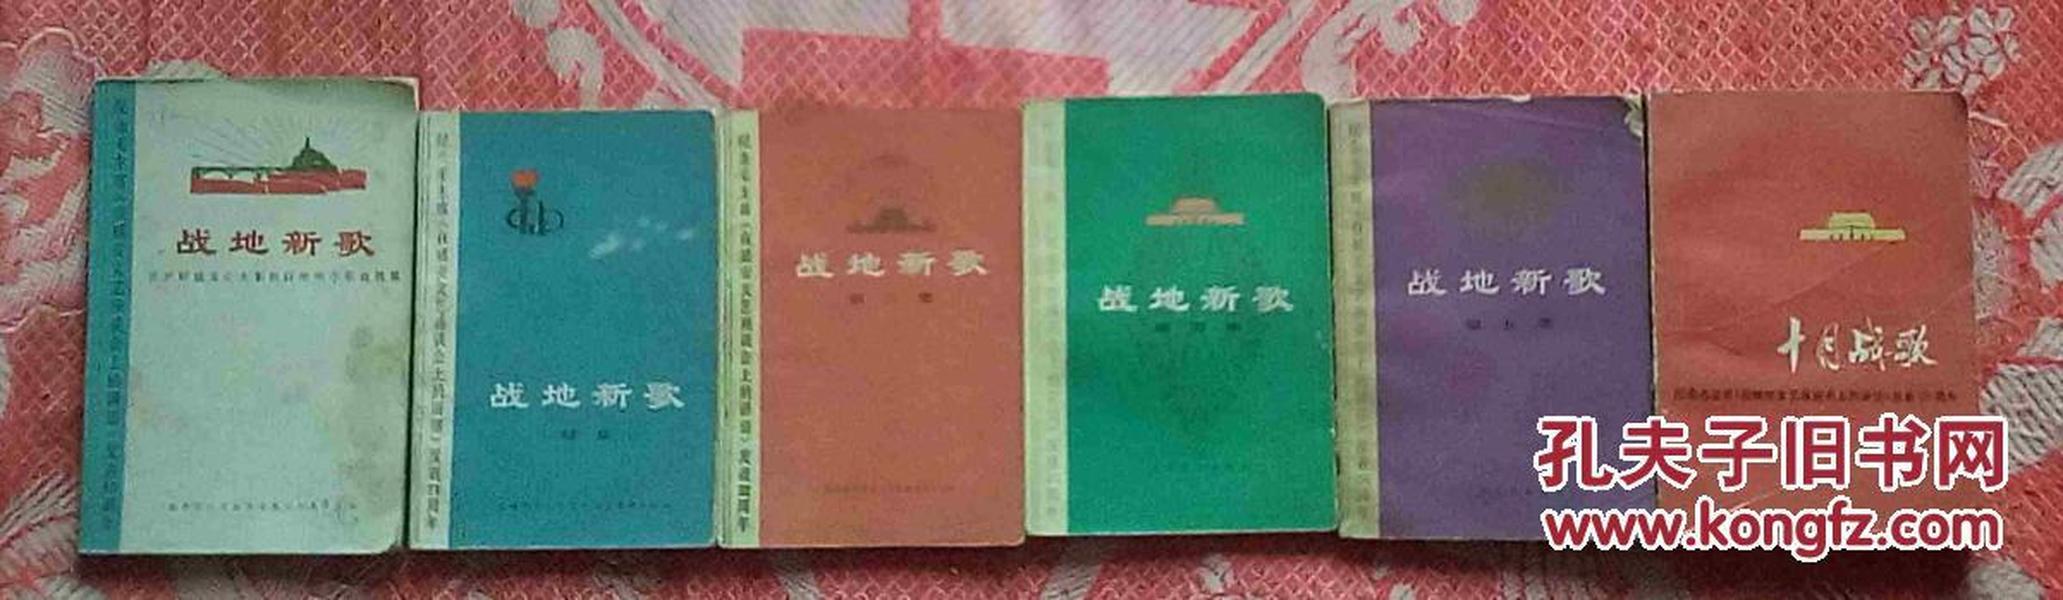 战地新歌(1—6册全)(无产阶级文化大革命以来创作歌曲选集)、续集、第三集、第四集、第五集、十月战歌等6册全合售(不保证同一版次或同一印刷地特别提醒第一册是大32)1